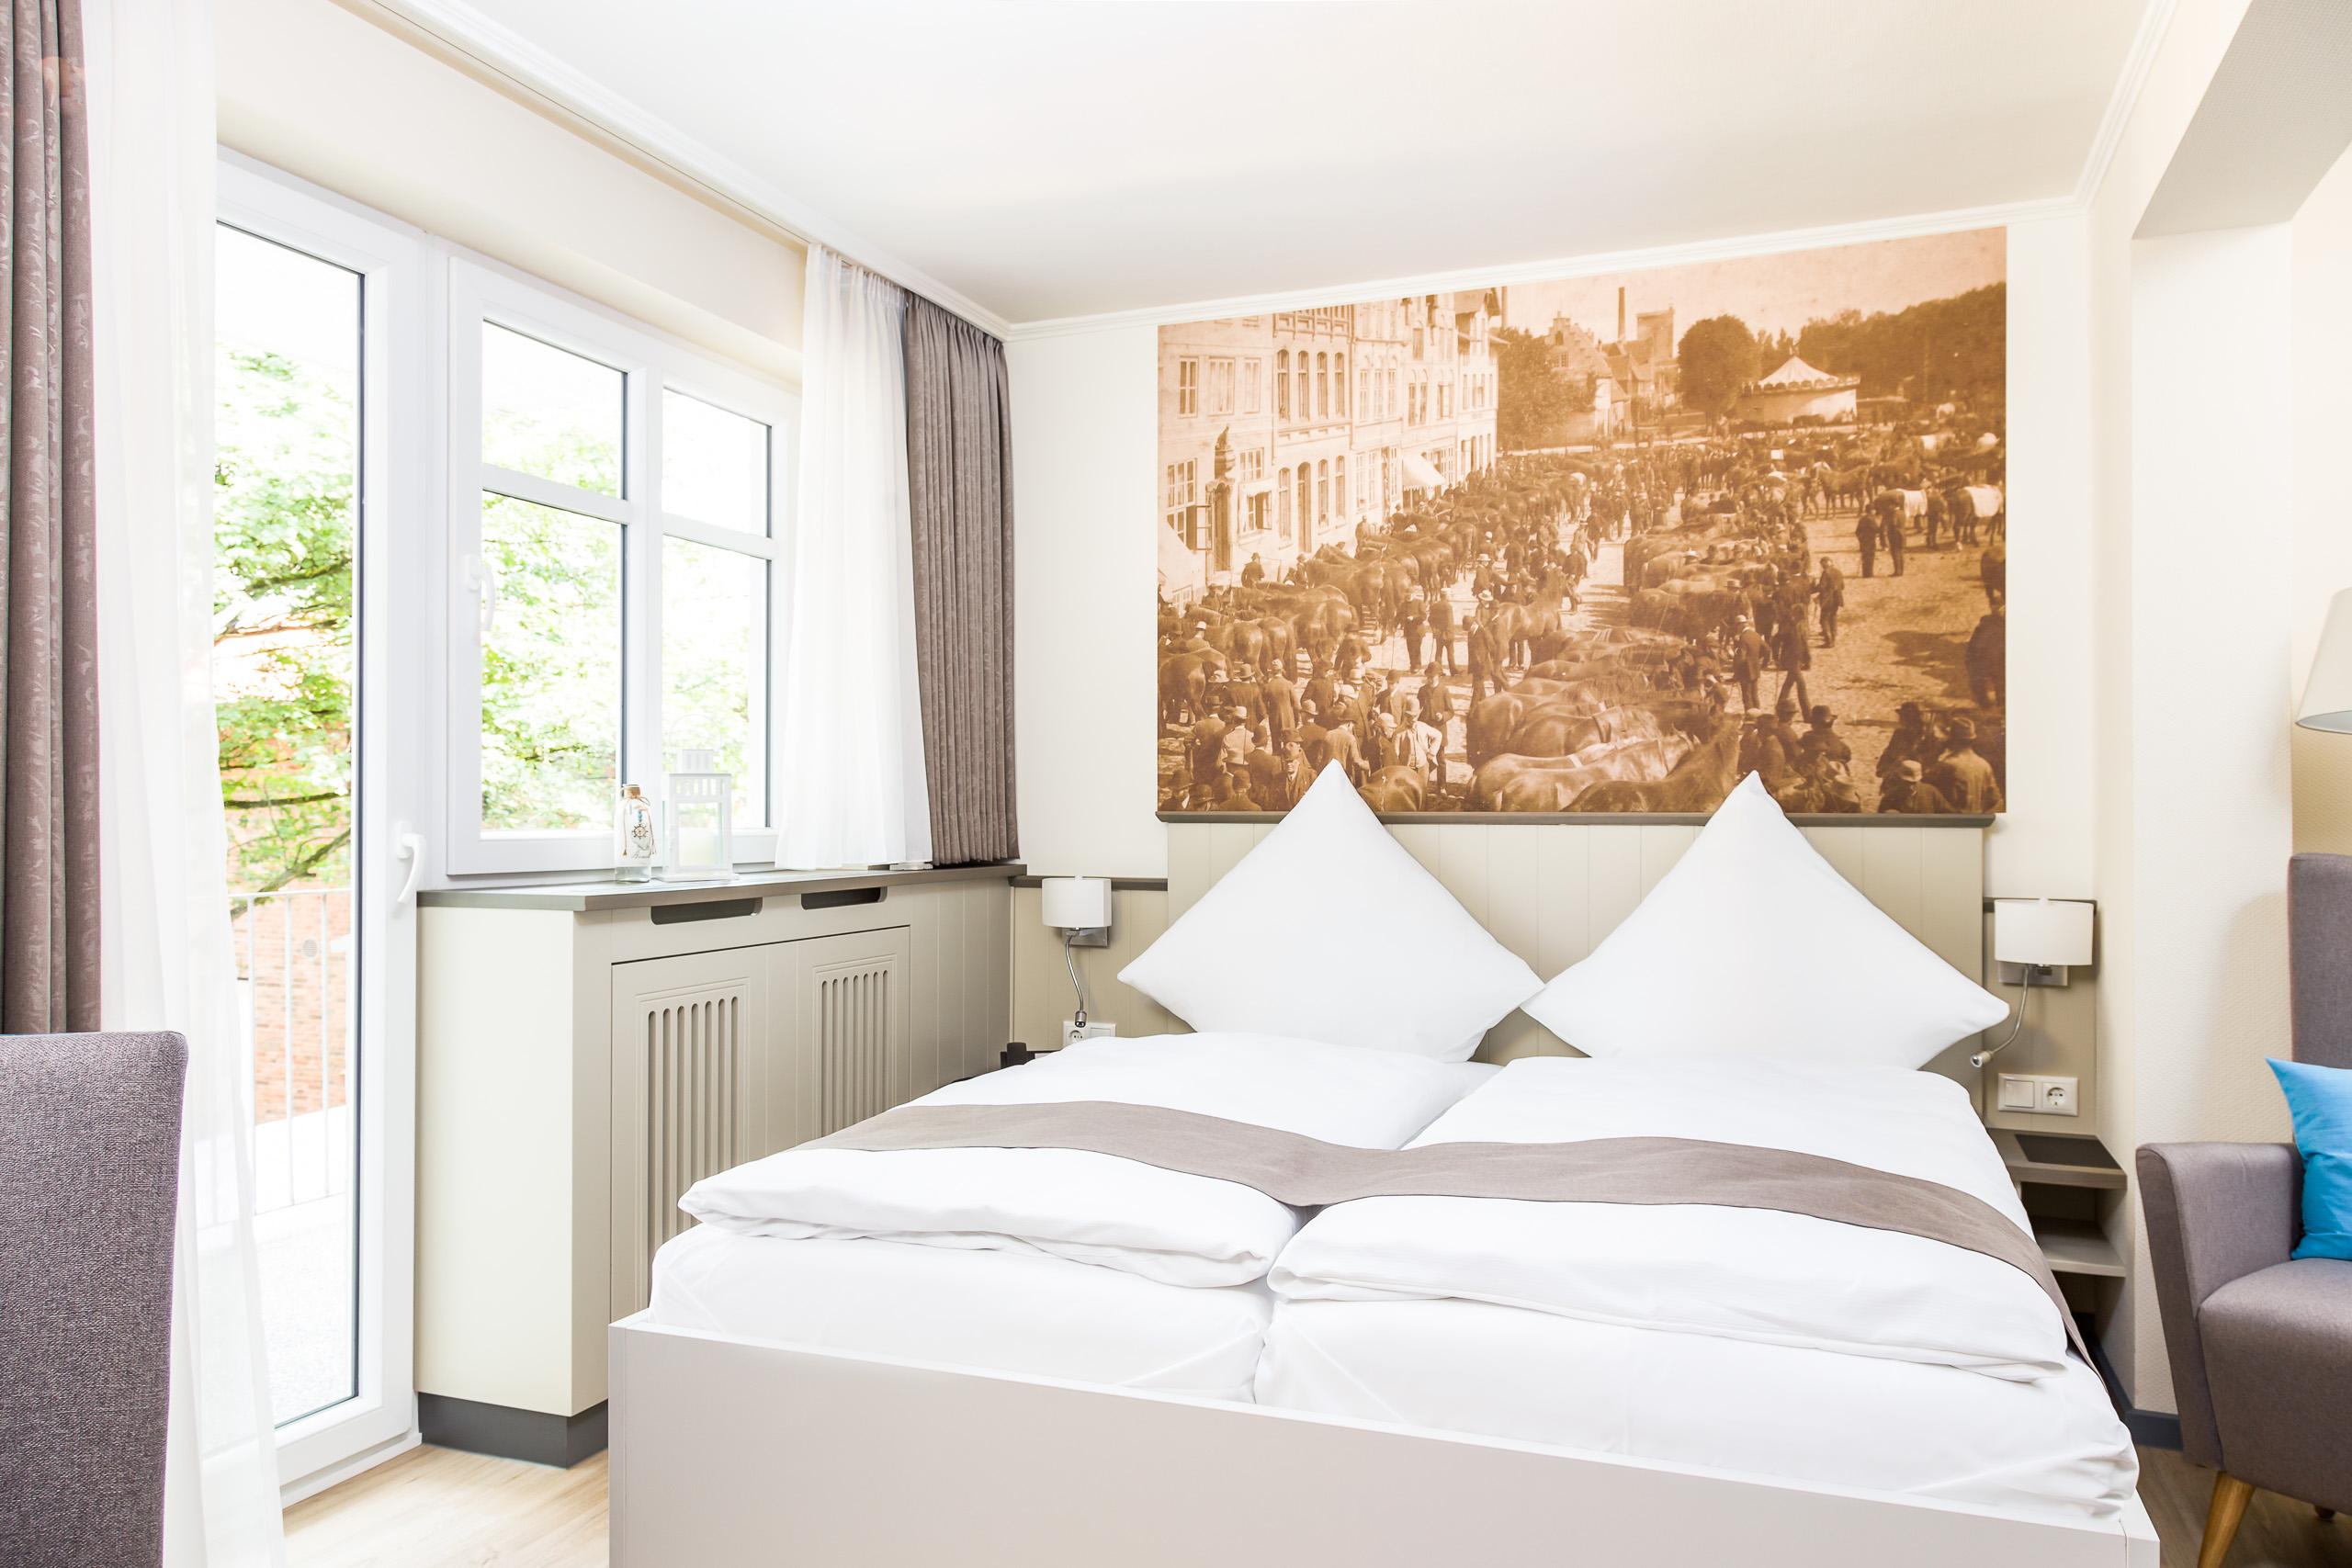 home hotel klein amsterdam in friedrichstadt. Black Bedroom Furniture Sets. Home Design Ideas